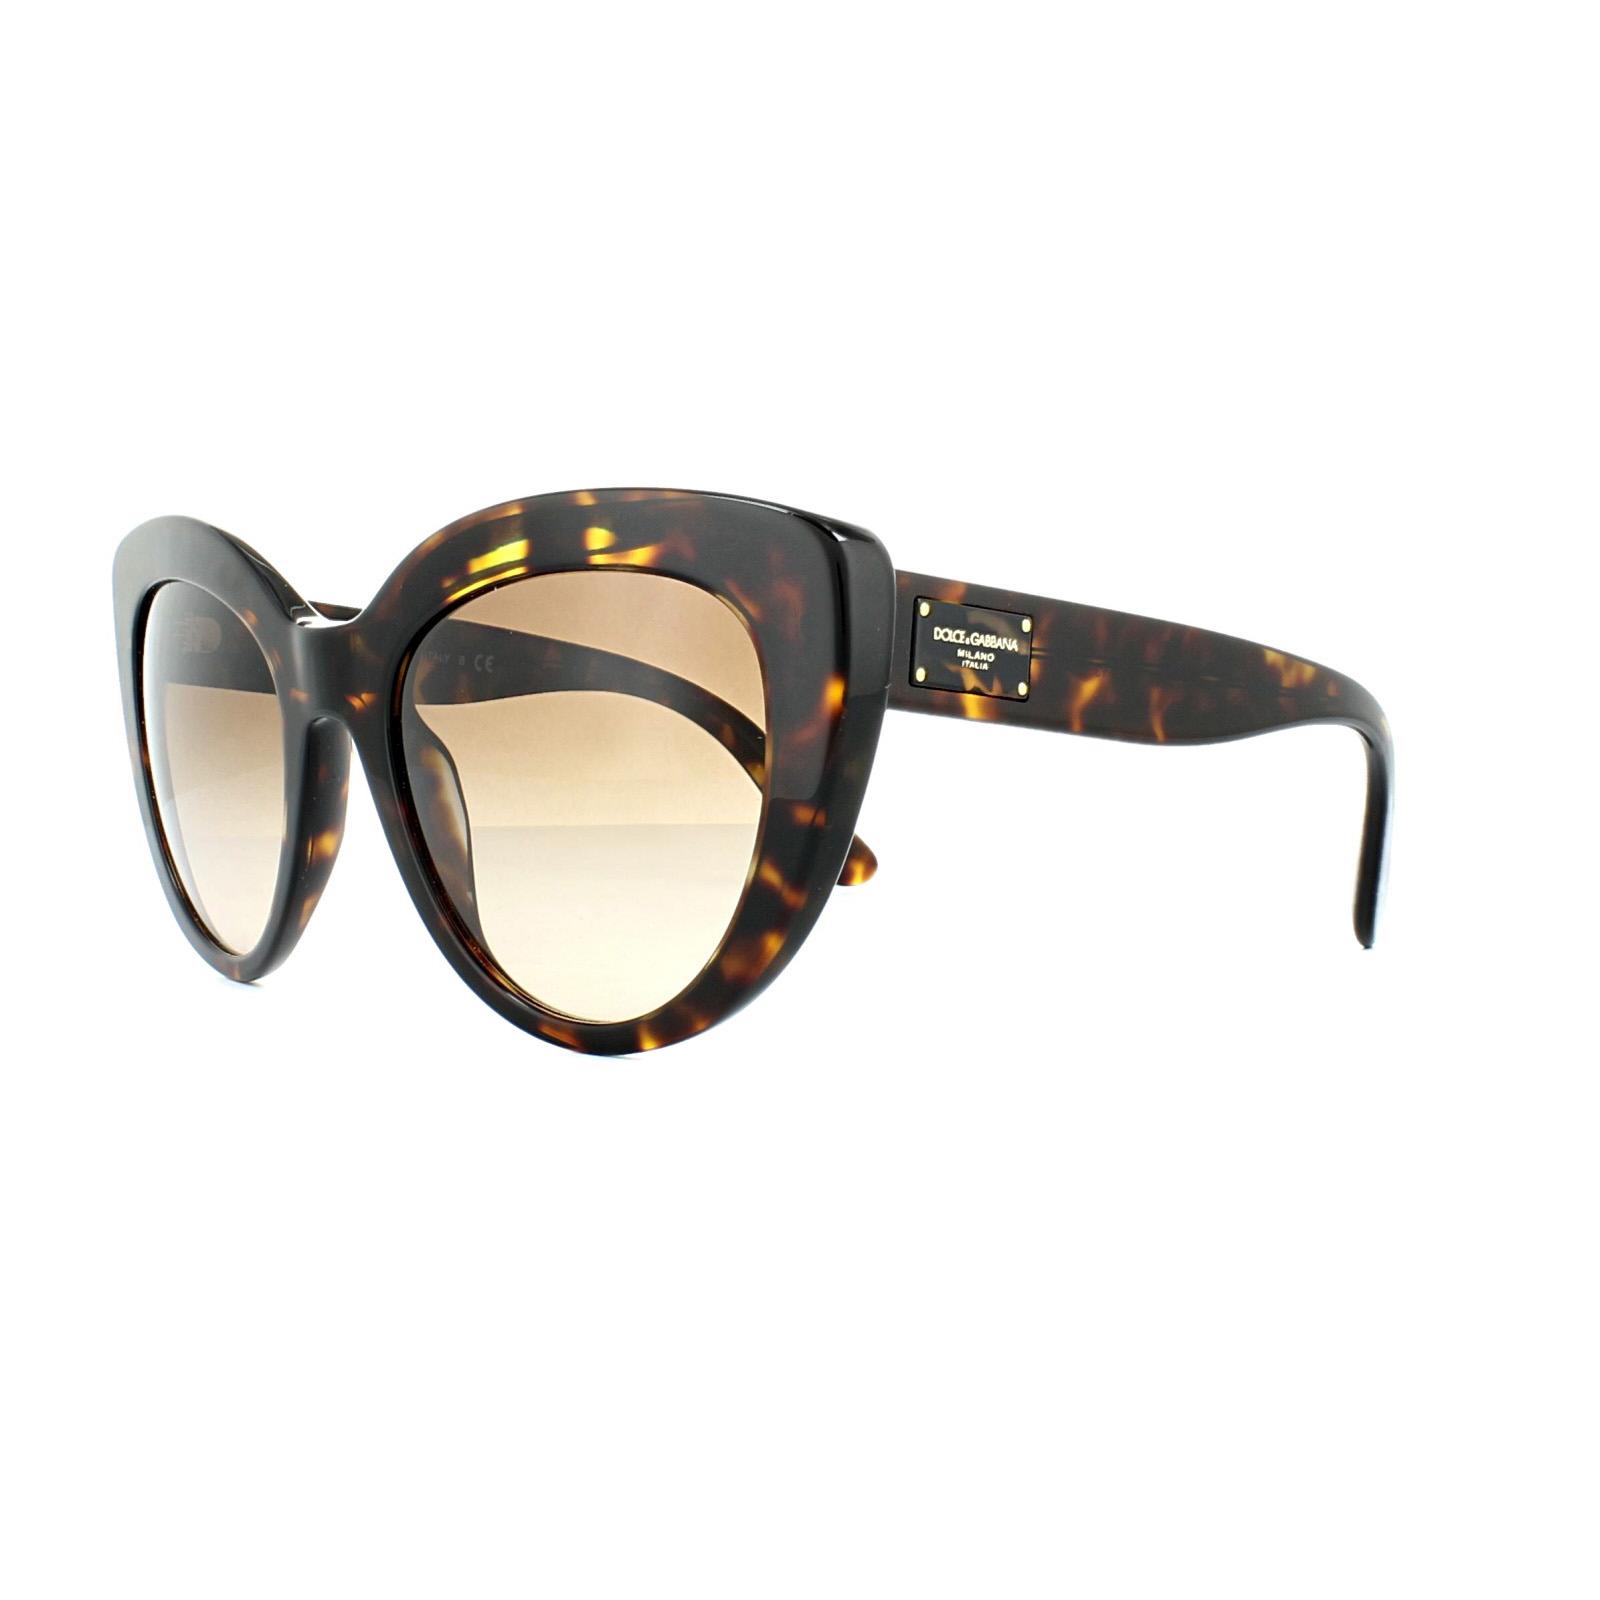 Dolce Gabbana 4287/502/13 eVg2B